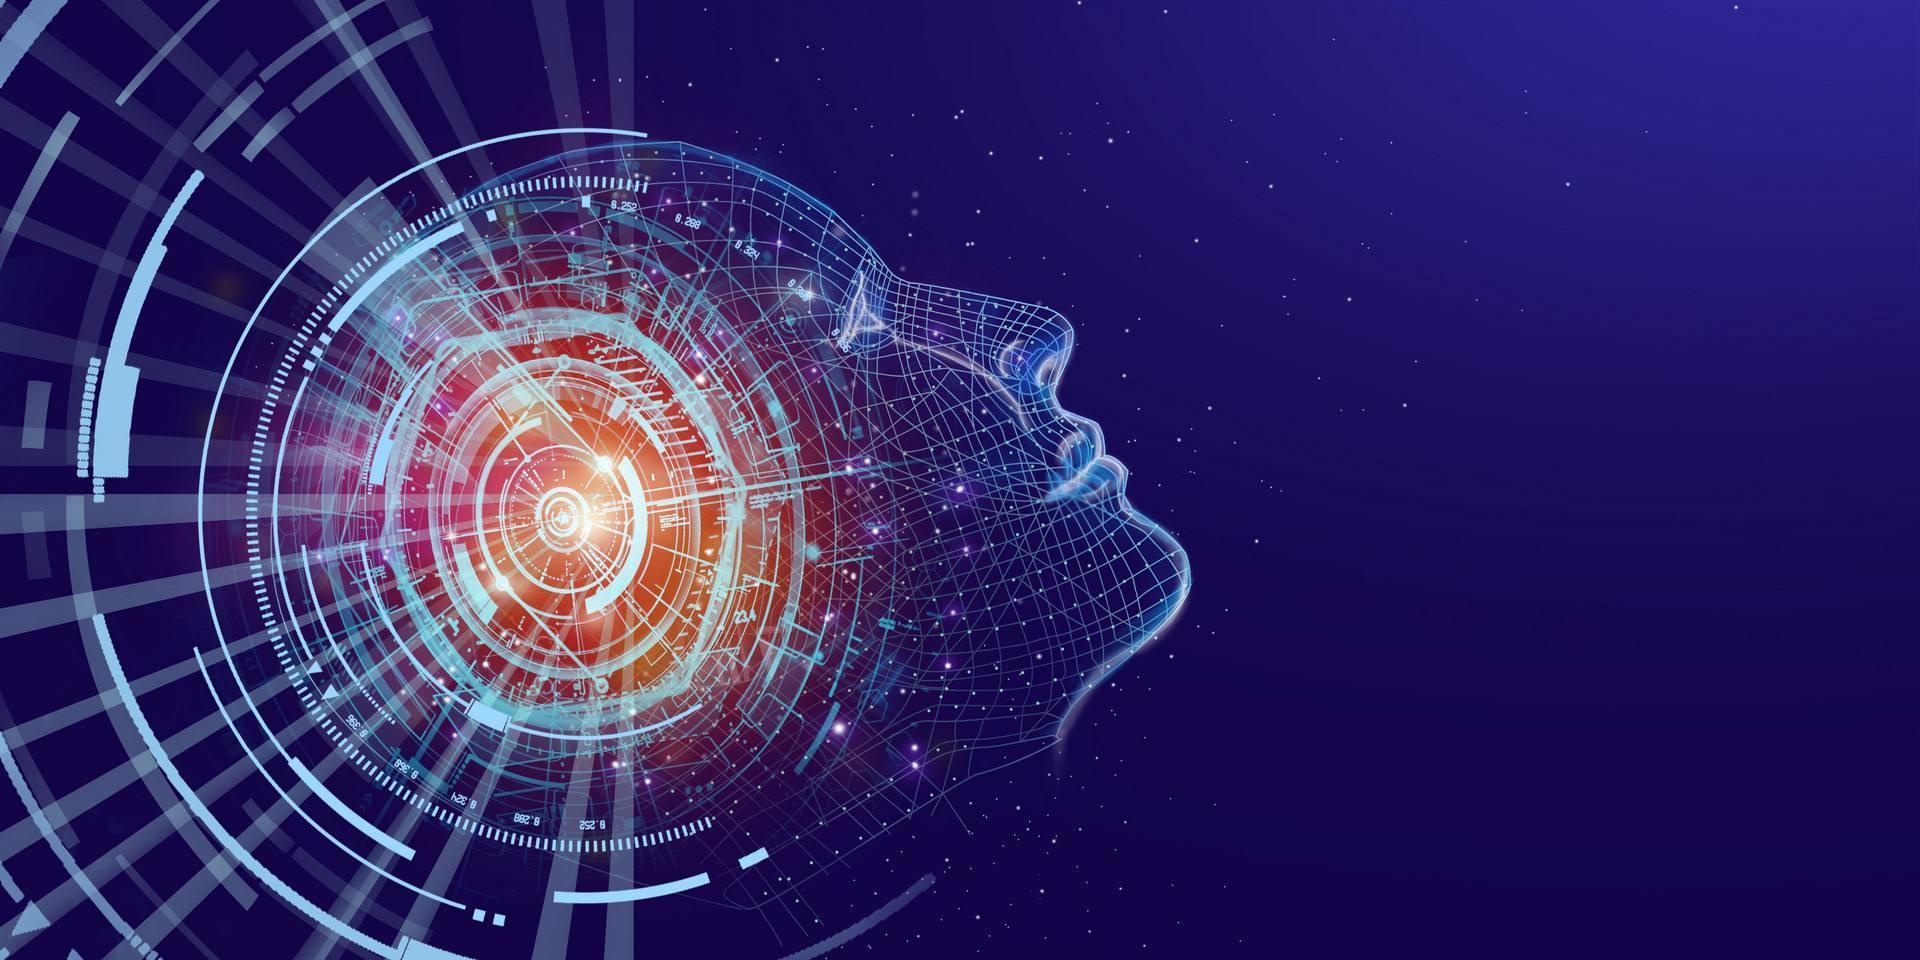 人工智能程序_人工智能有可能取代程序员吗? - 知乎